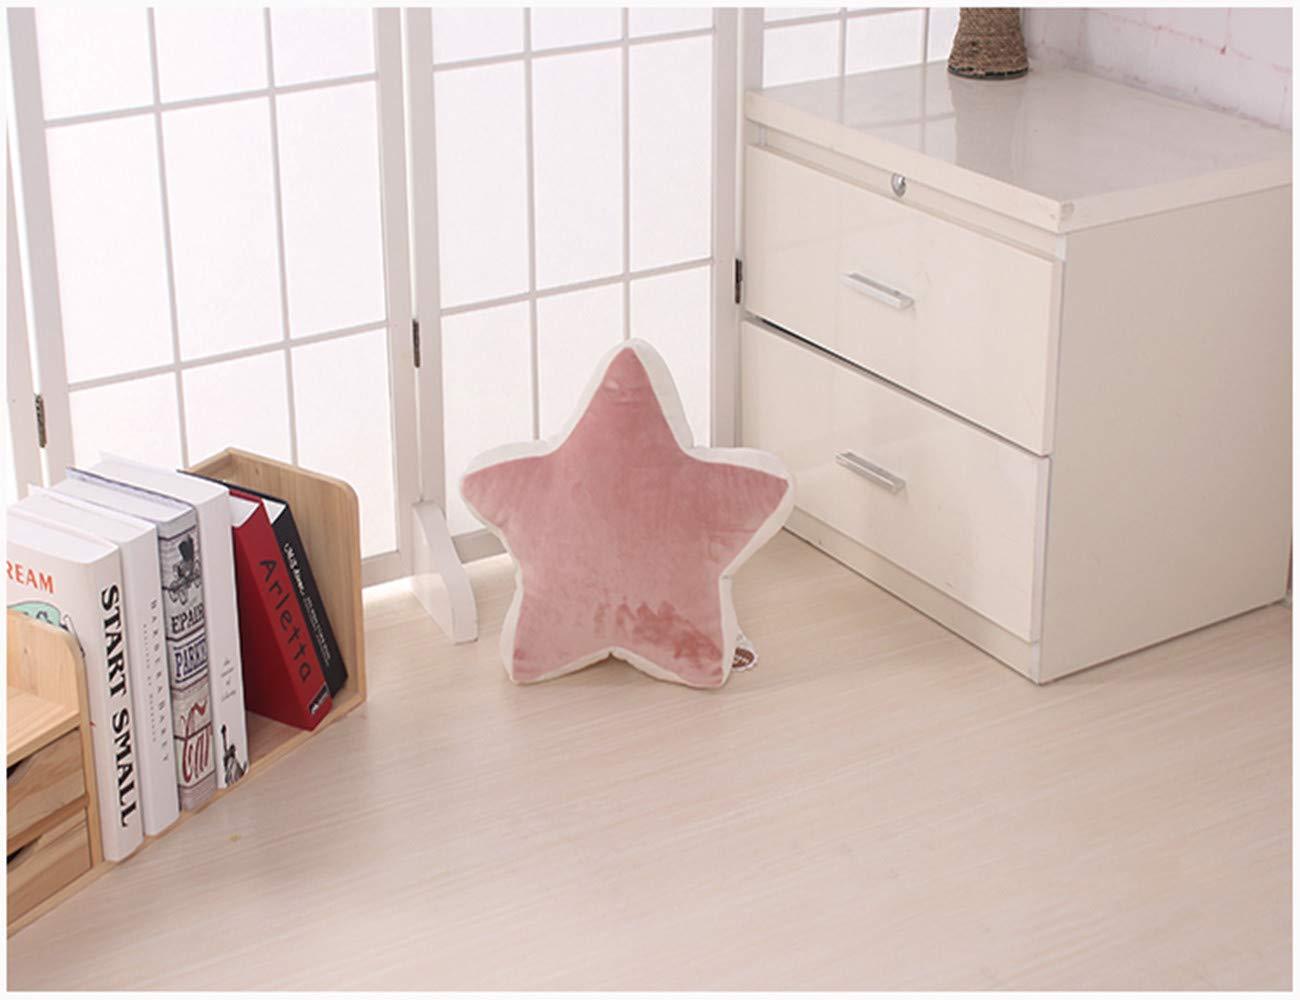 egfsha 36cm Linda Rosa de Cinco Puntas Estrella de Peluche de Juguete Almohada Cama coj/ín Red Rojo